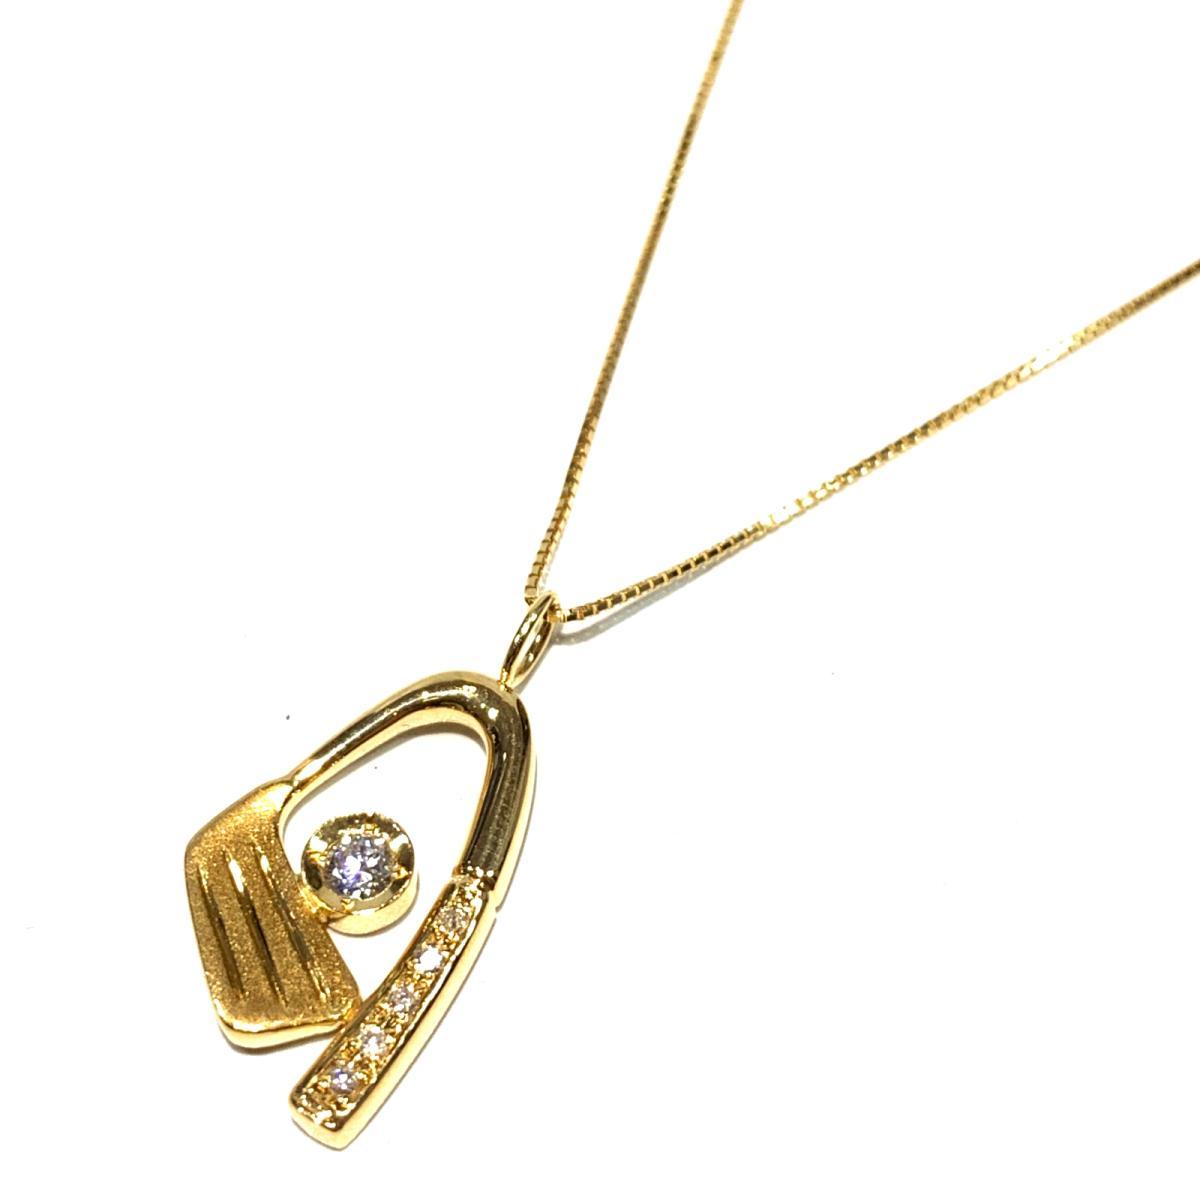 【中古】 ジュエリー ダイヤモンド ネックレス レディース K18YG (750) イエローゴールド x 0.15ct ゴールド | JEWELRY BRANDOFF ブランドオフ アクセサリー ペンダント